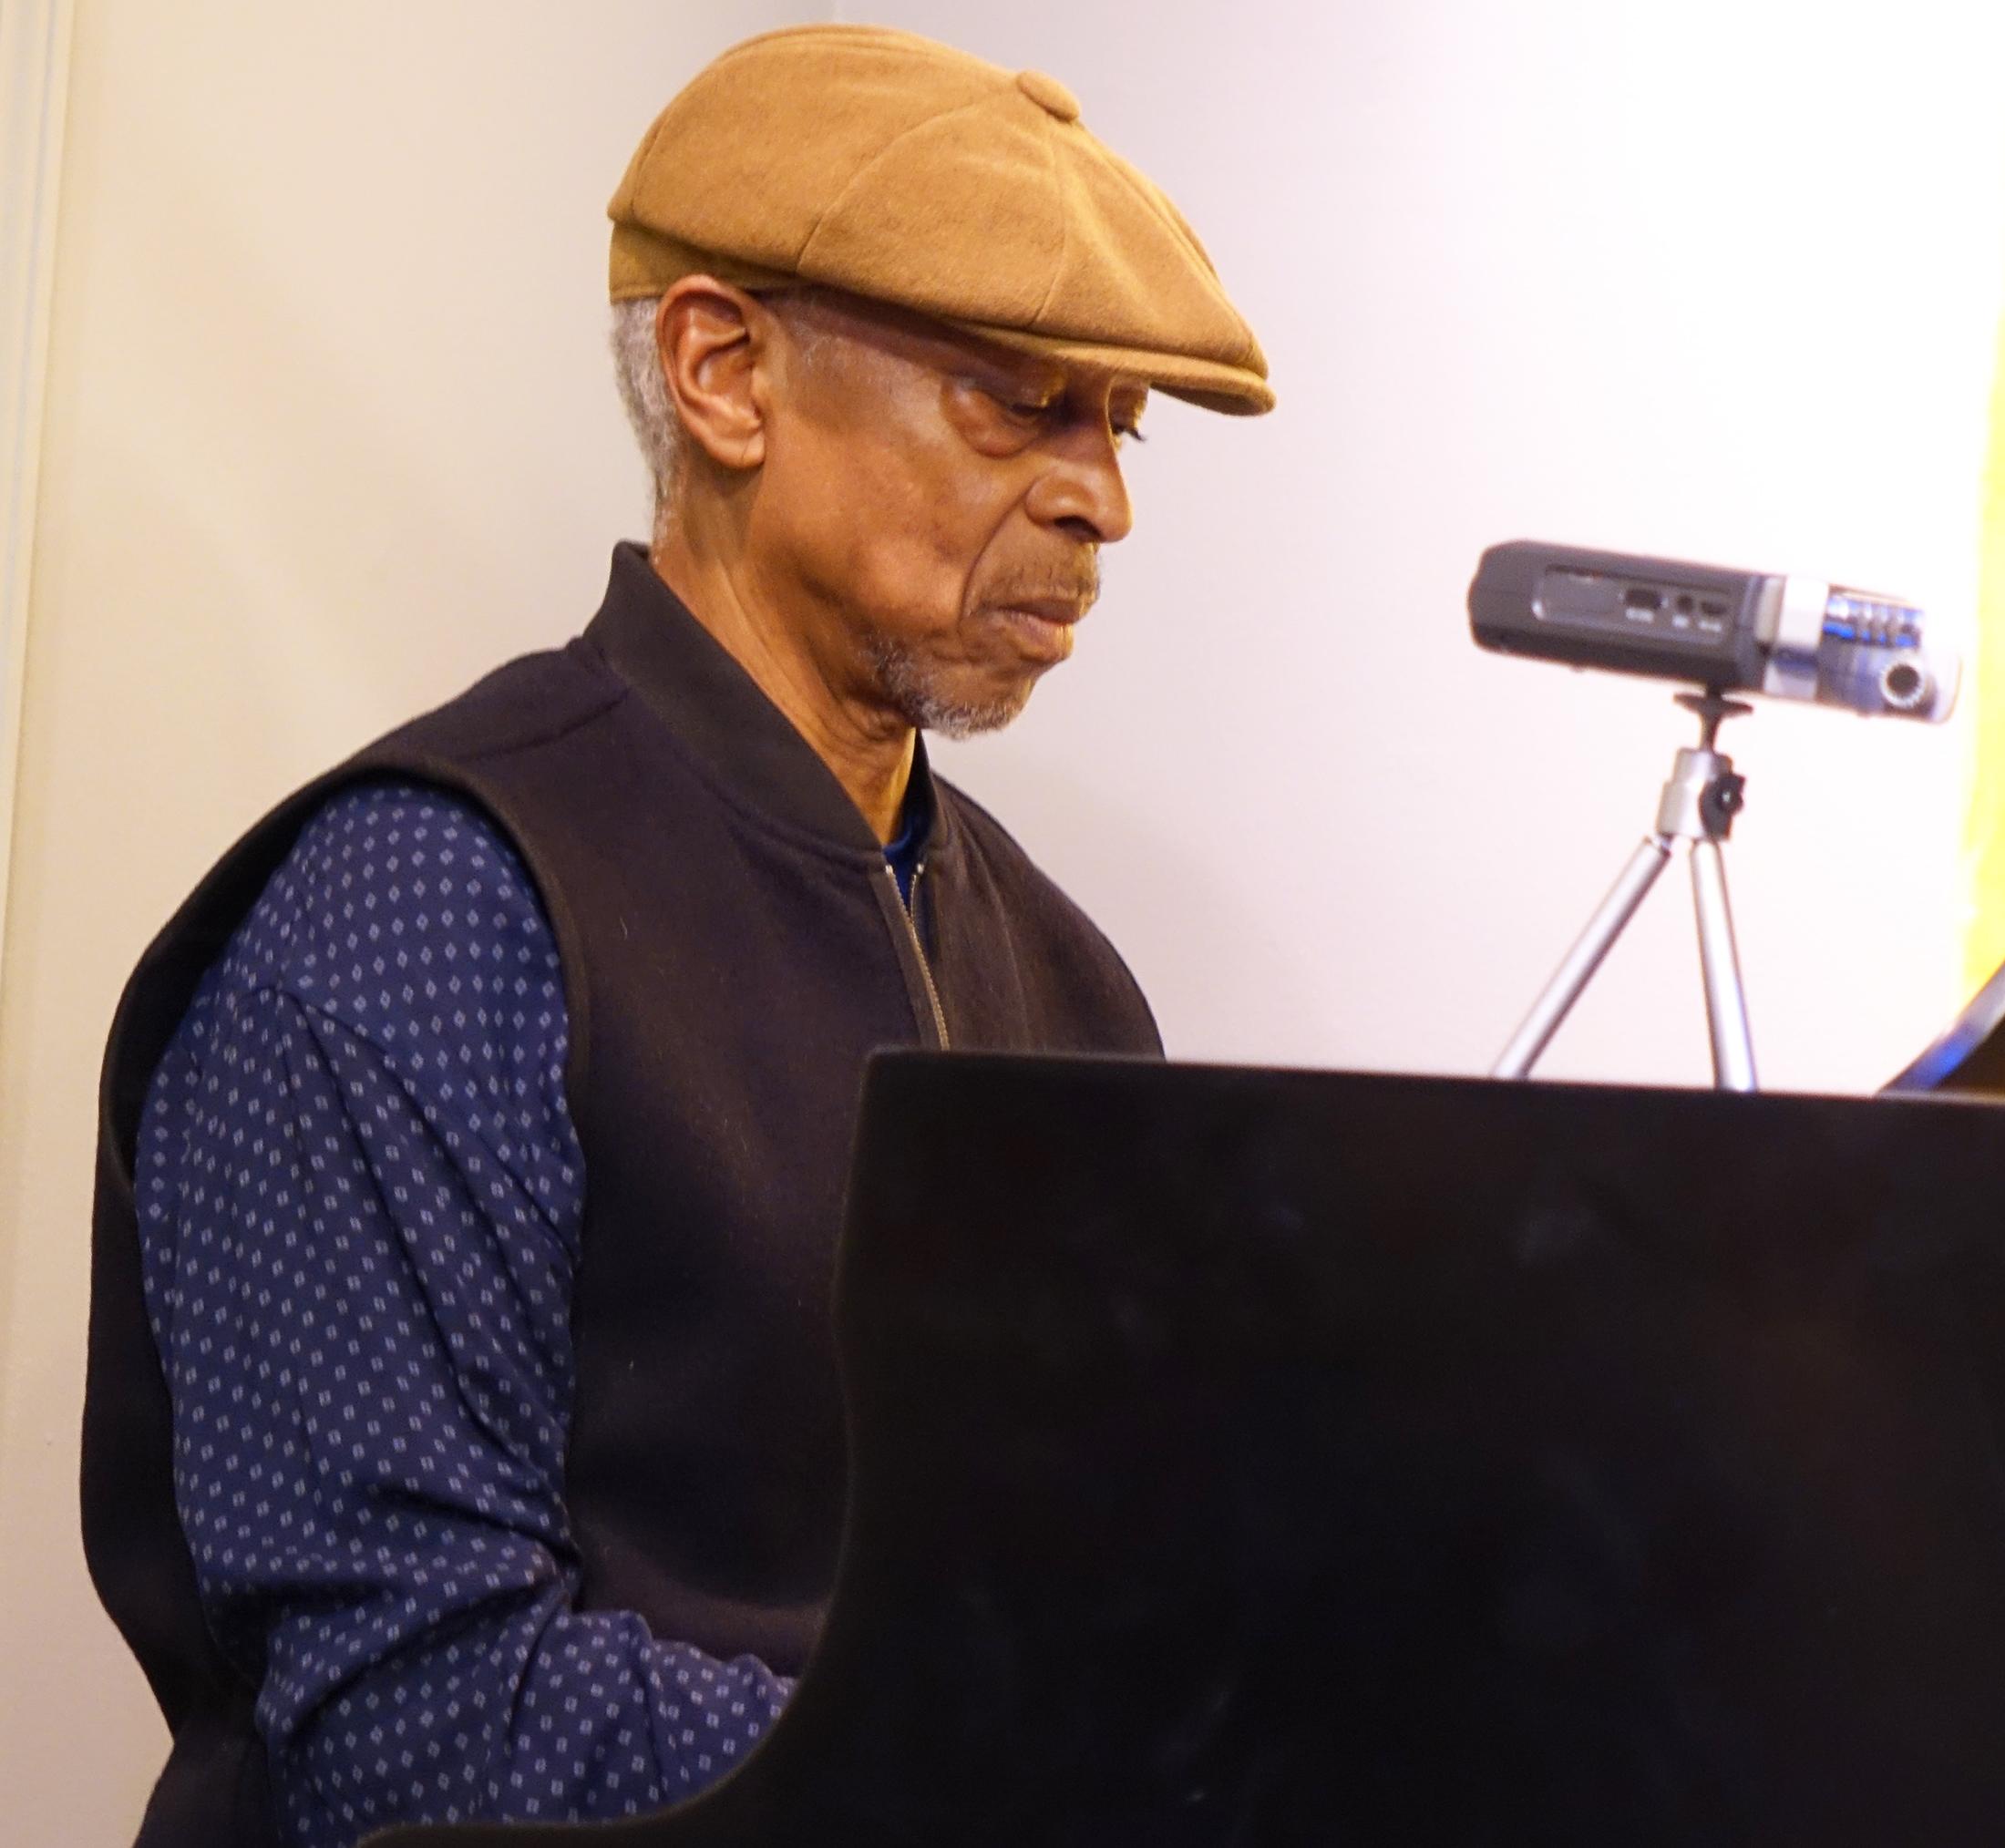 Kenneth Green at Edgefest 2018